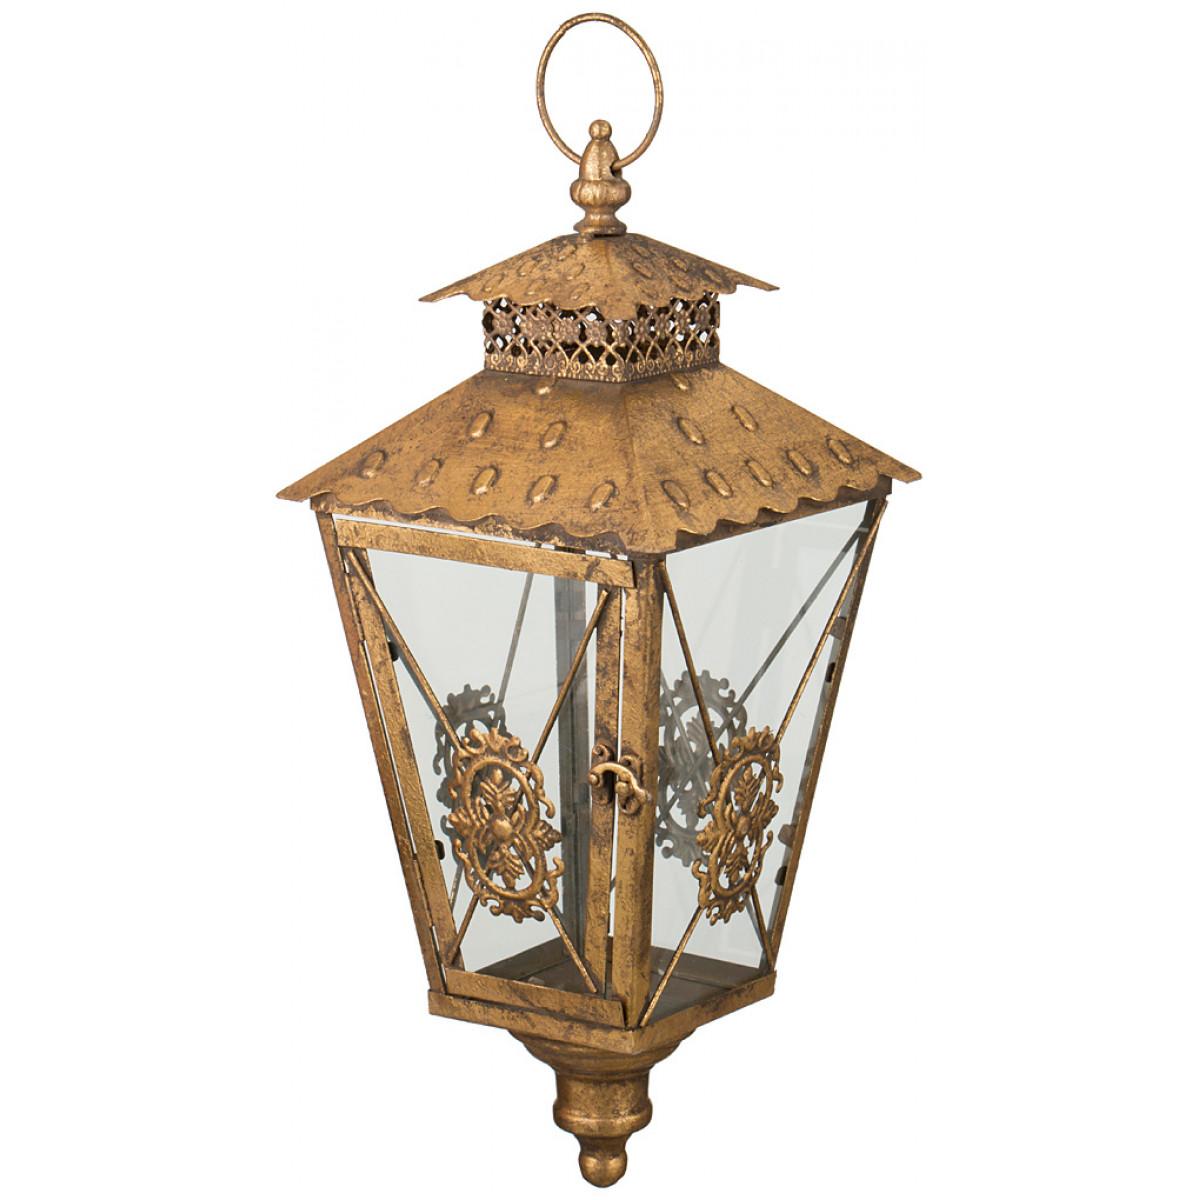 Декоративные свечи Arti-M Свеча-подсвечник Penny (20х20х47 см) arti m свеча подсвечник puilisso 15 см